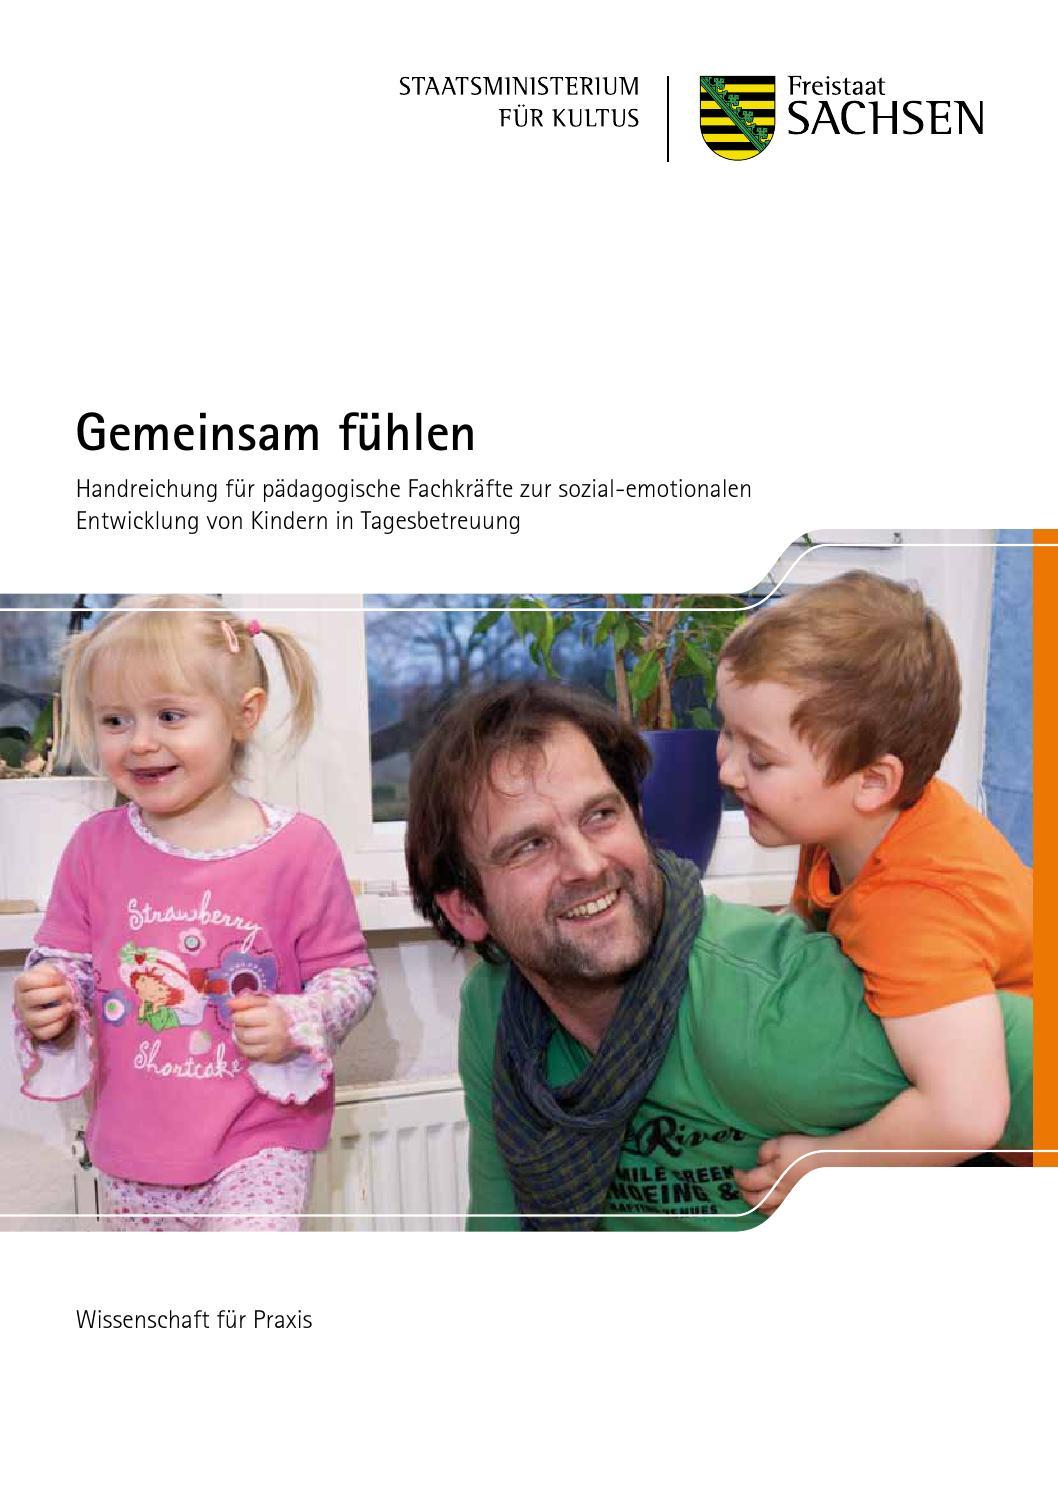 Gemeinsam fühlen by Freistaat Sachsen - issuu